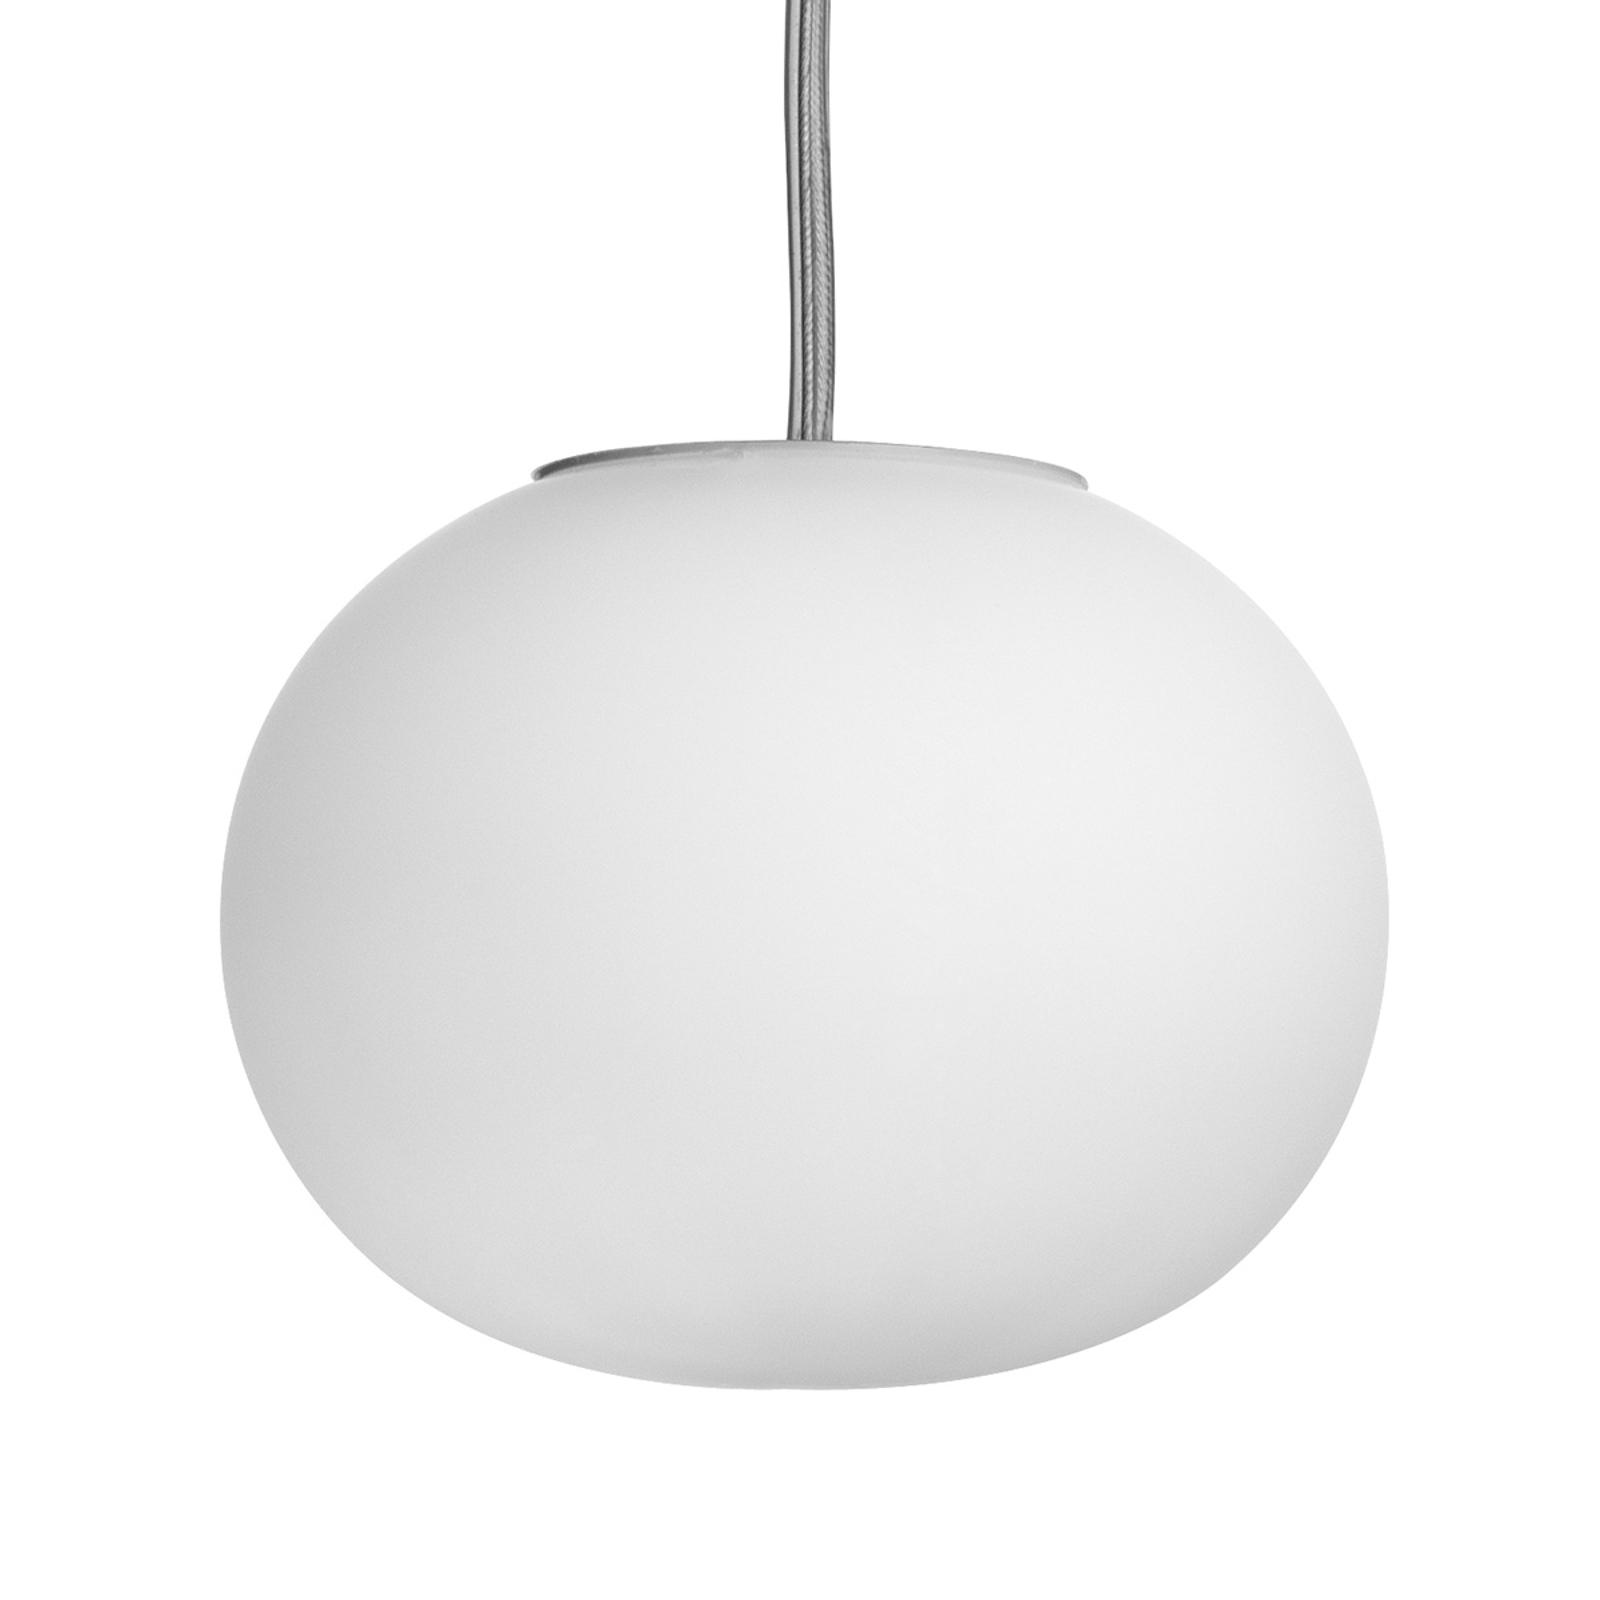 Lampada a sospensione sferica MINI GLO-BALL S